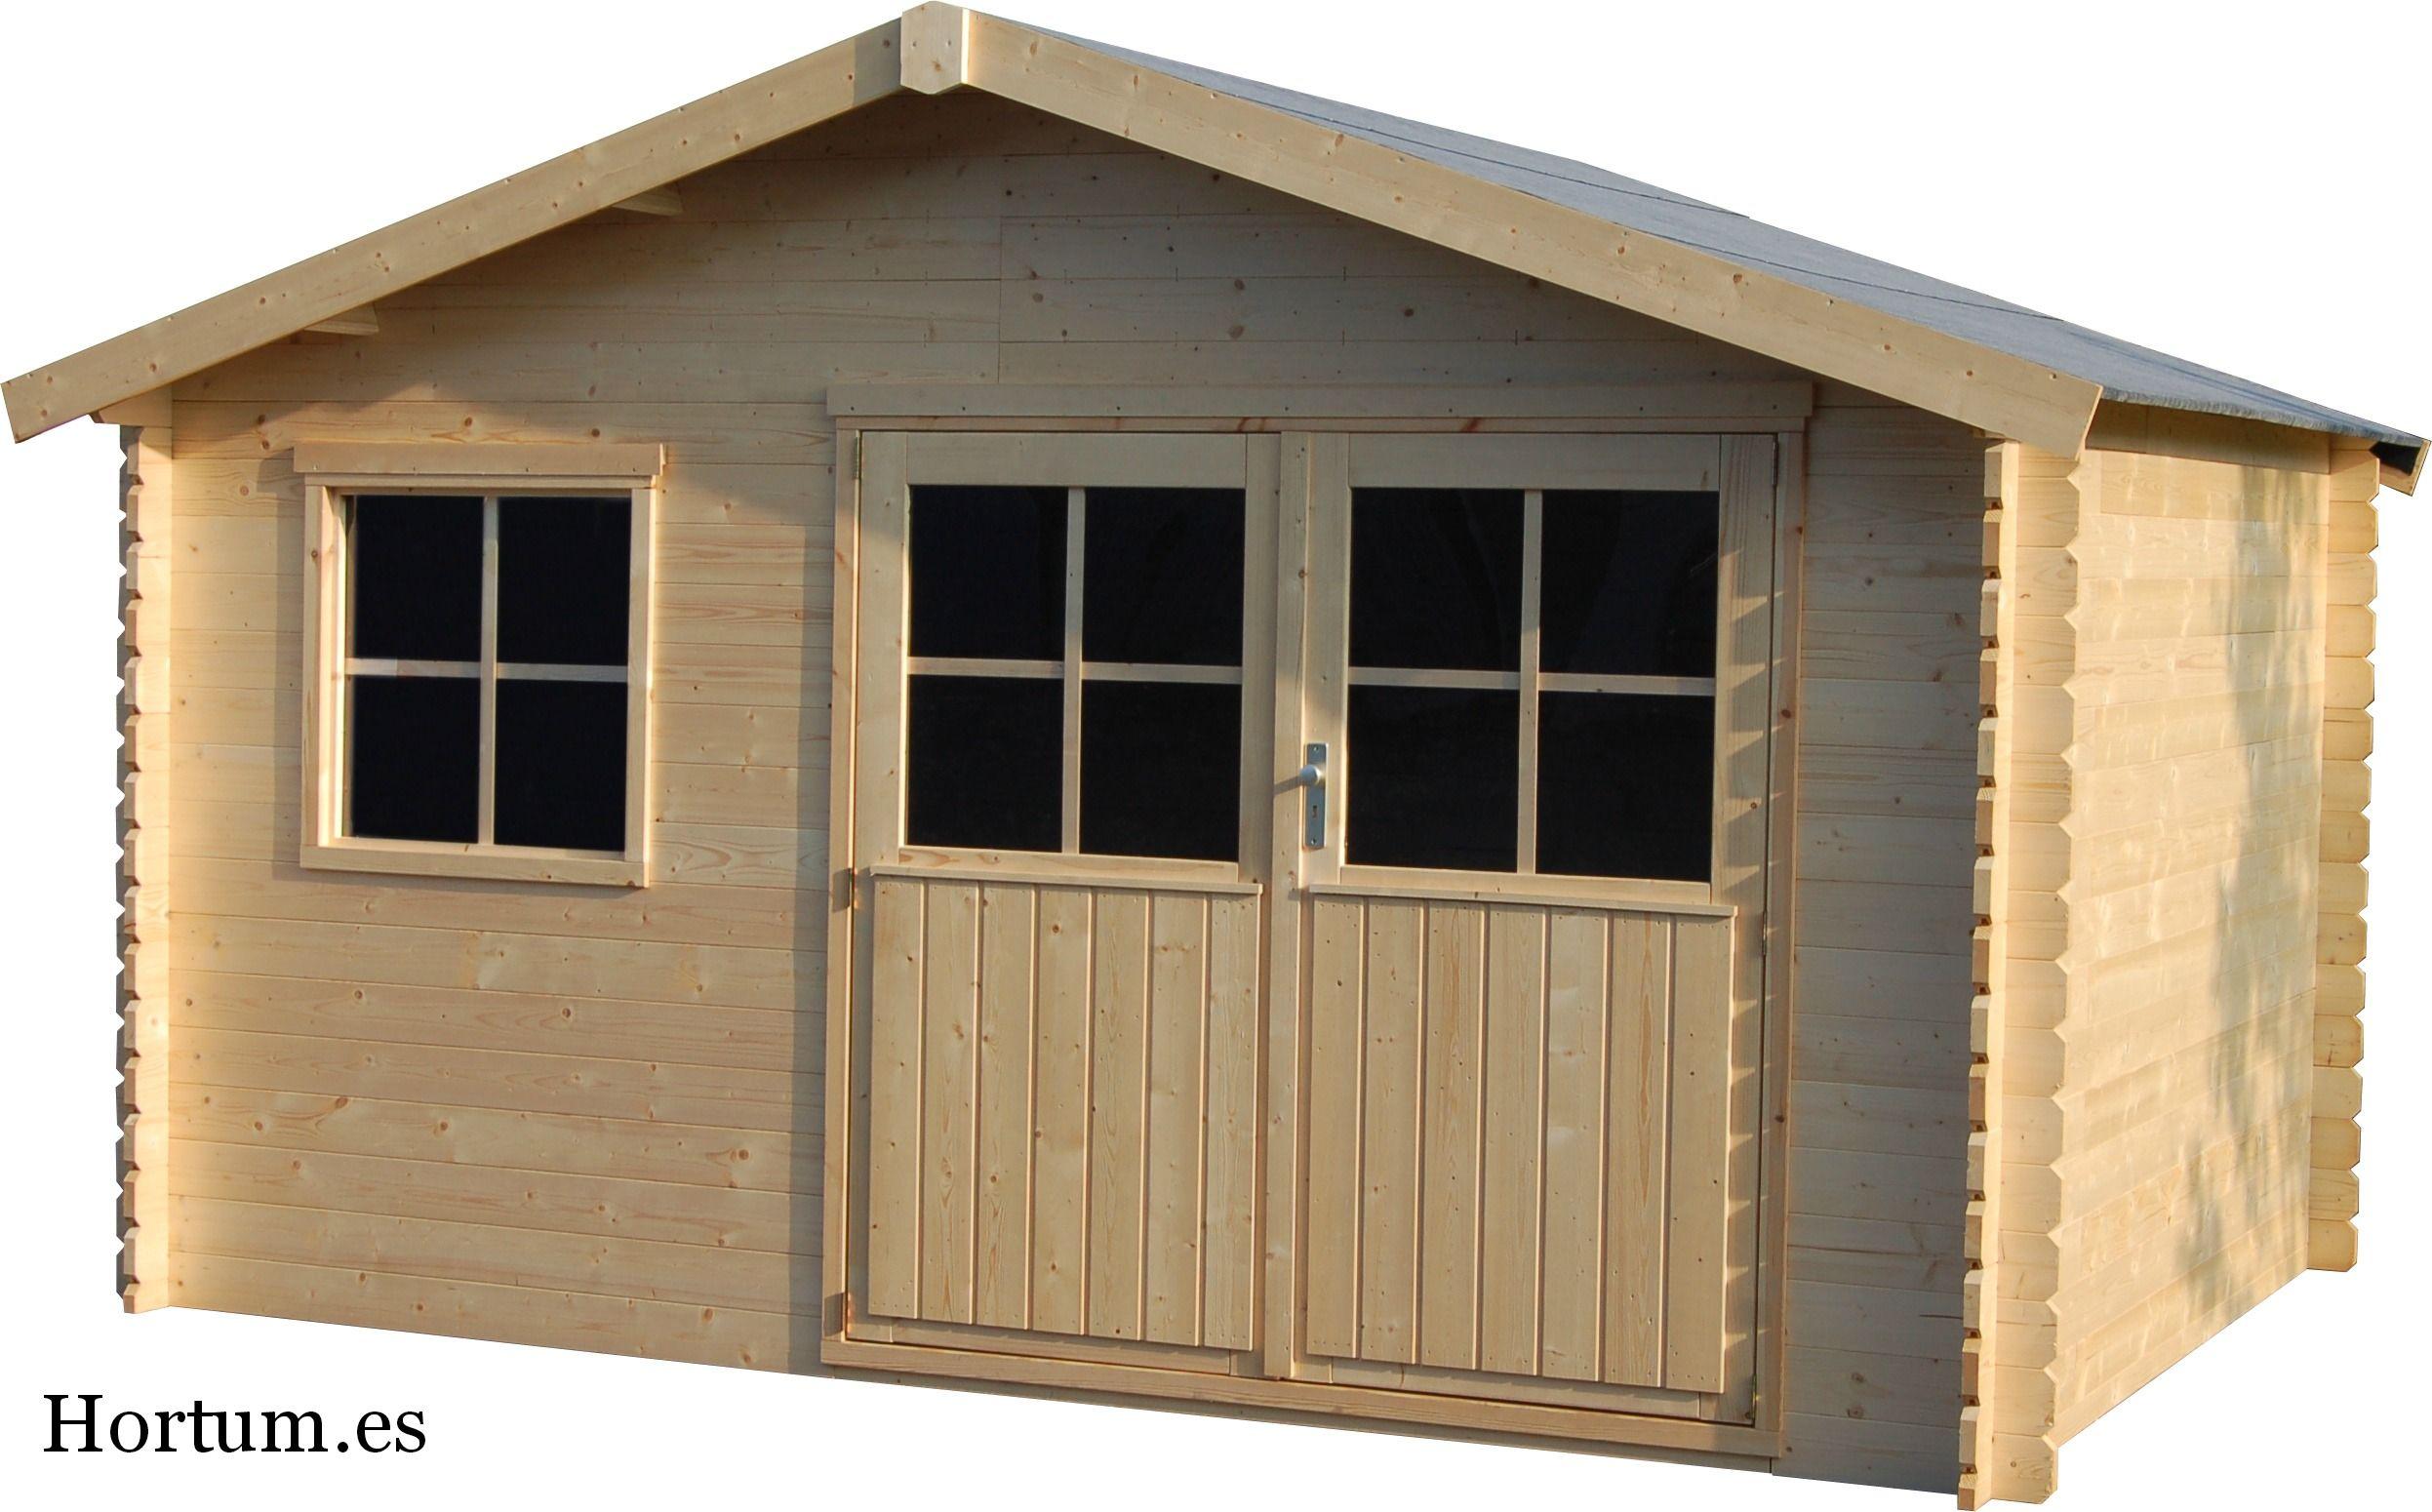 Caseta de madera flodeal